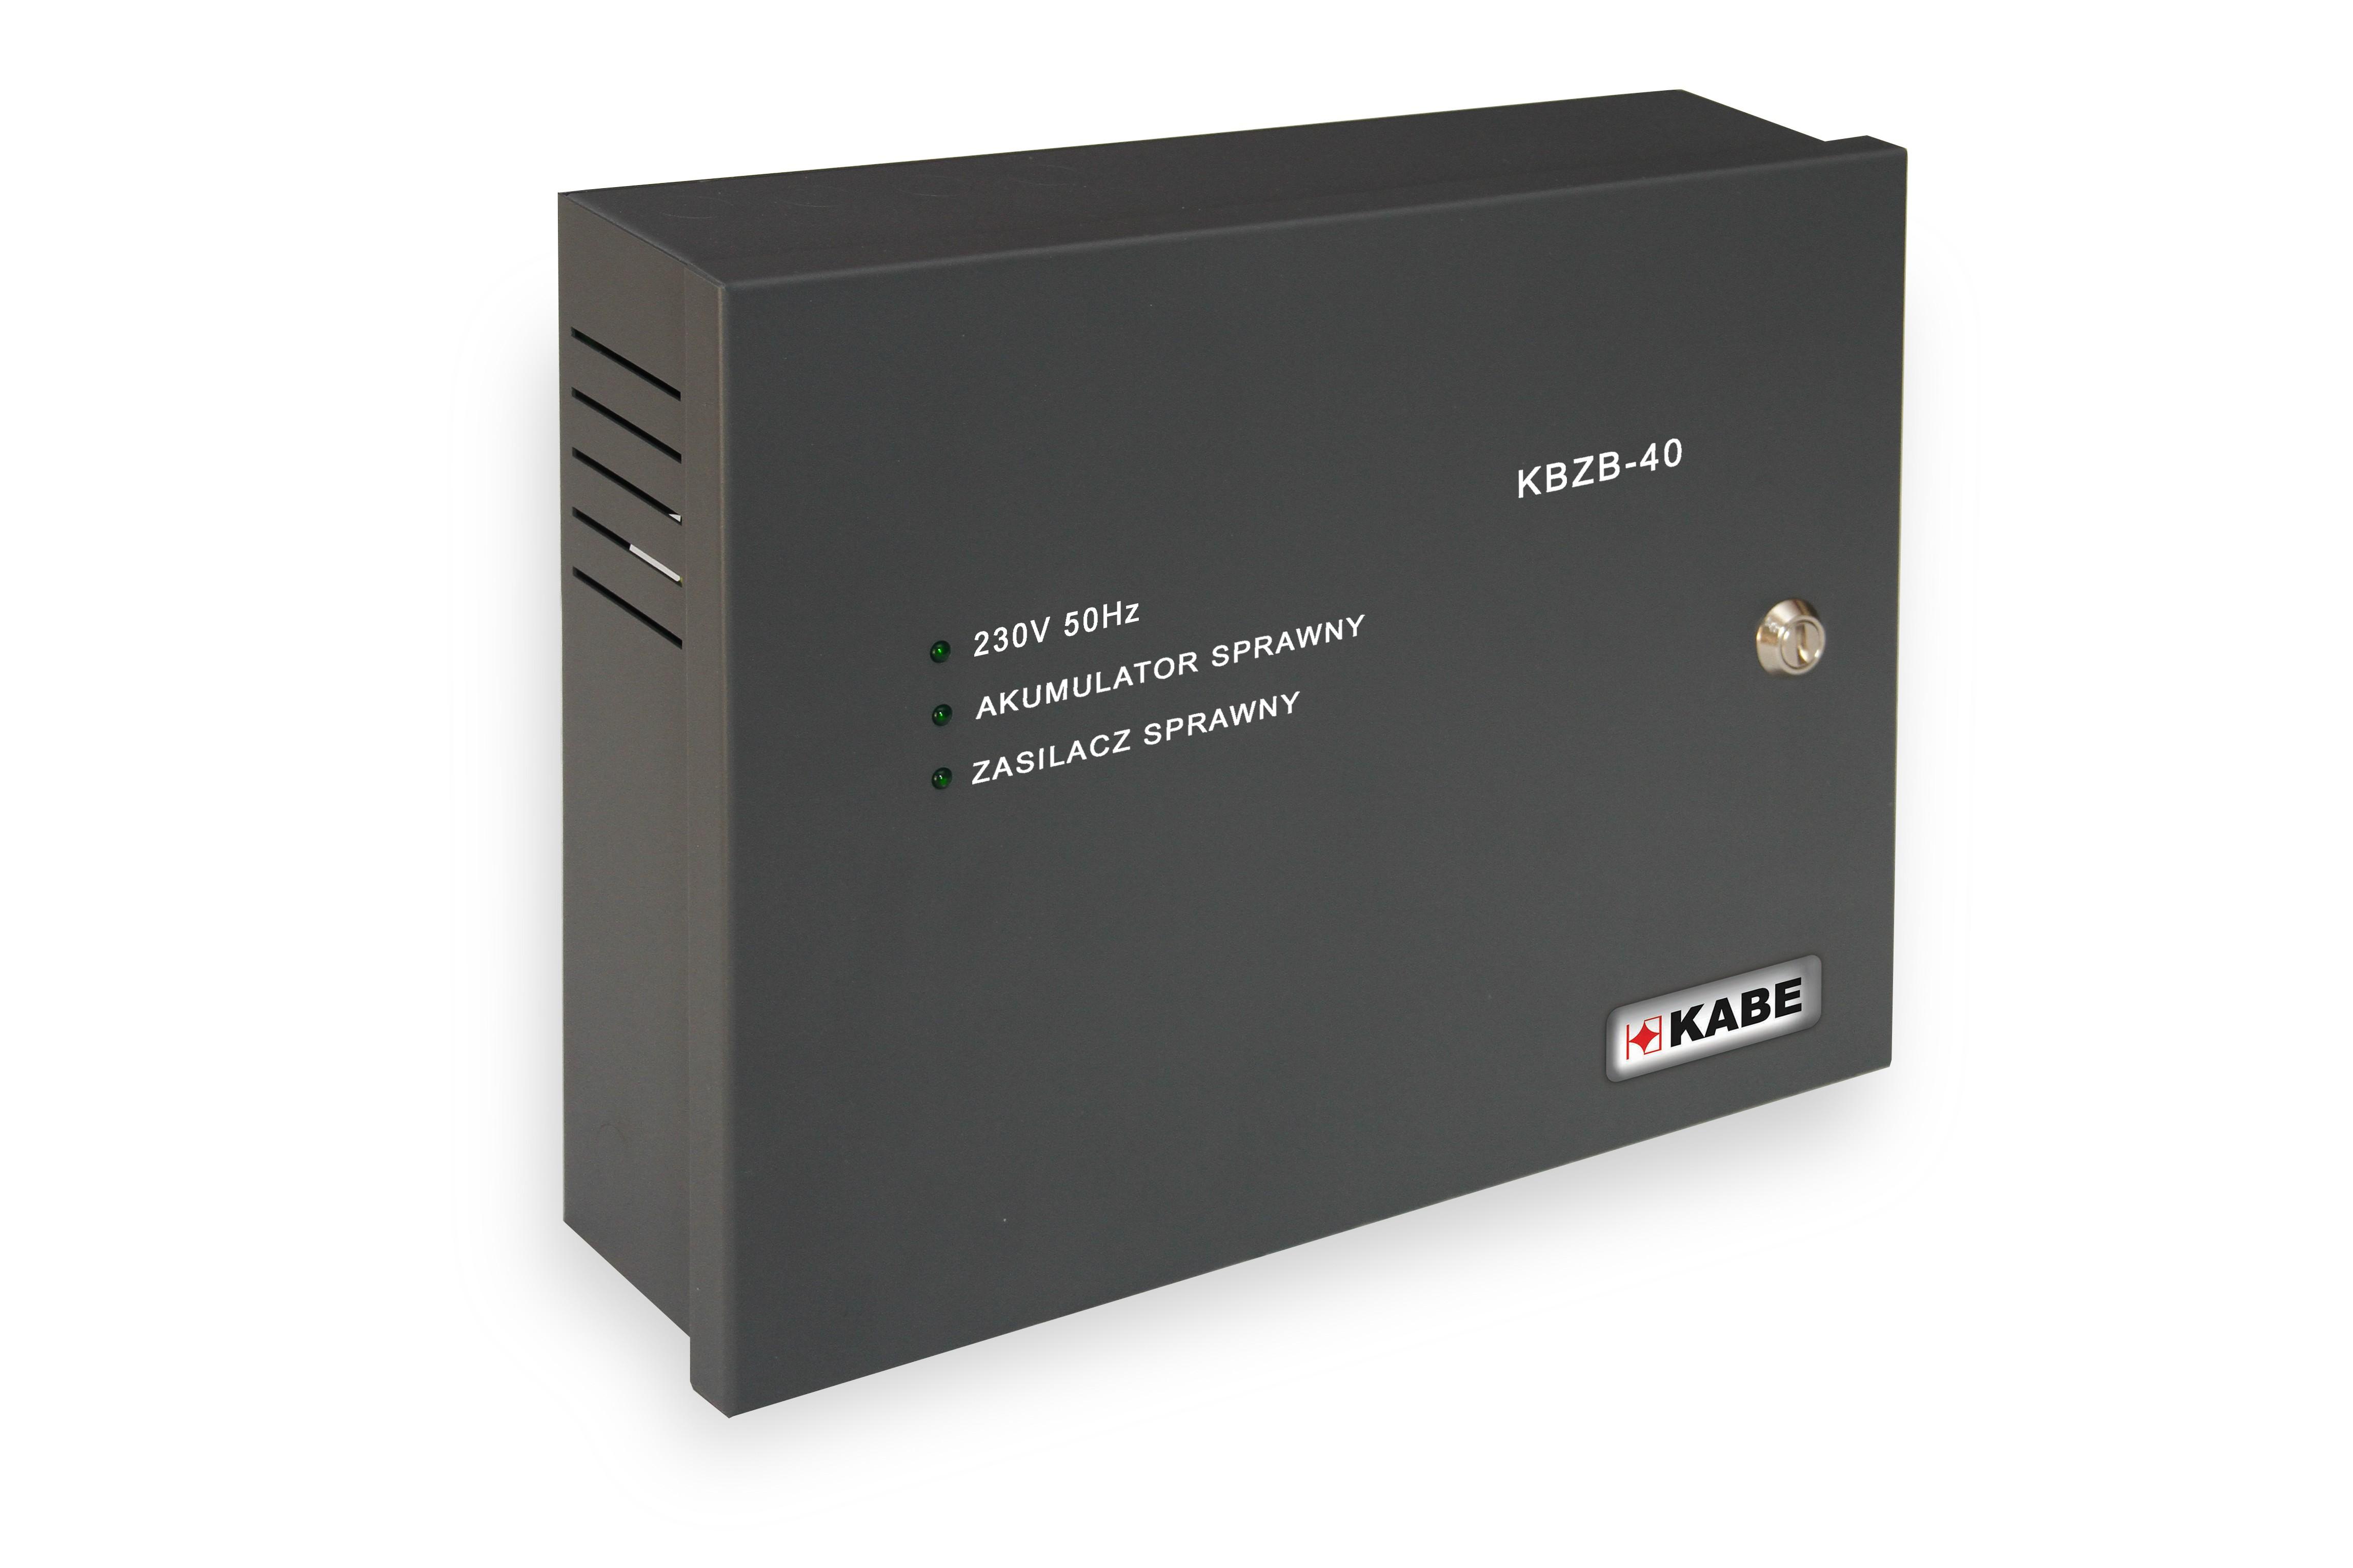 Zasilacz buforowy KBZB-40 8,8A/40Ah